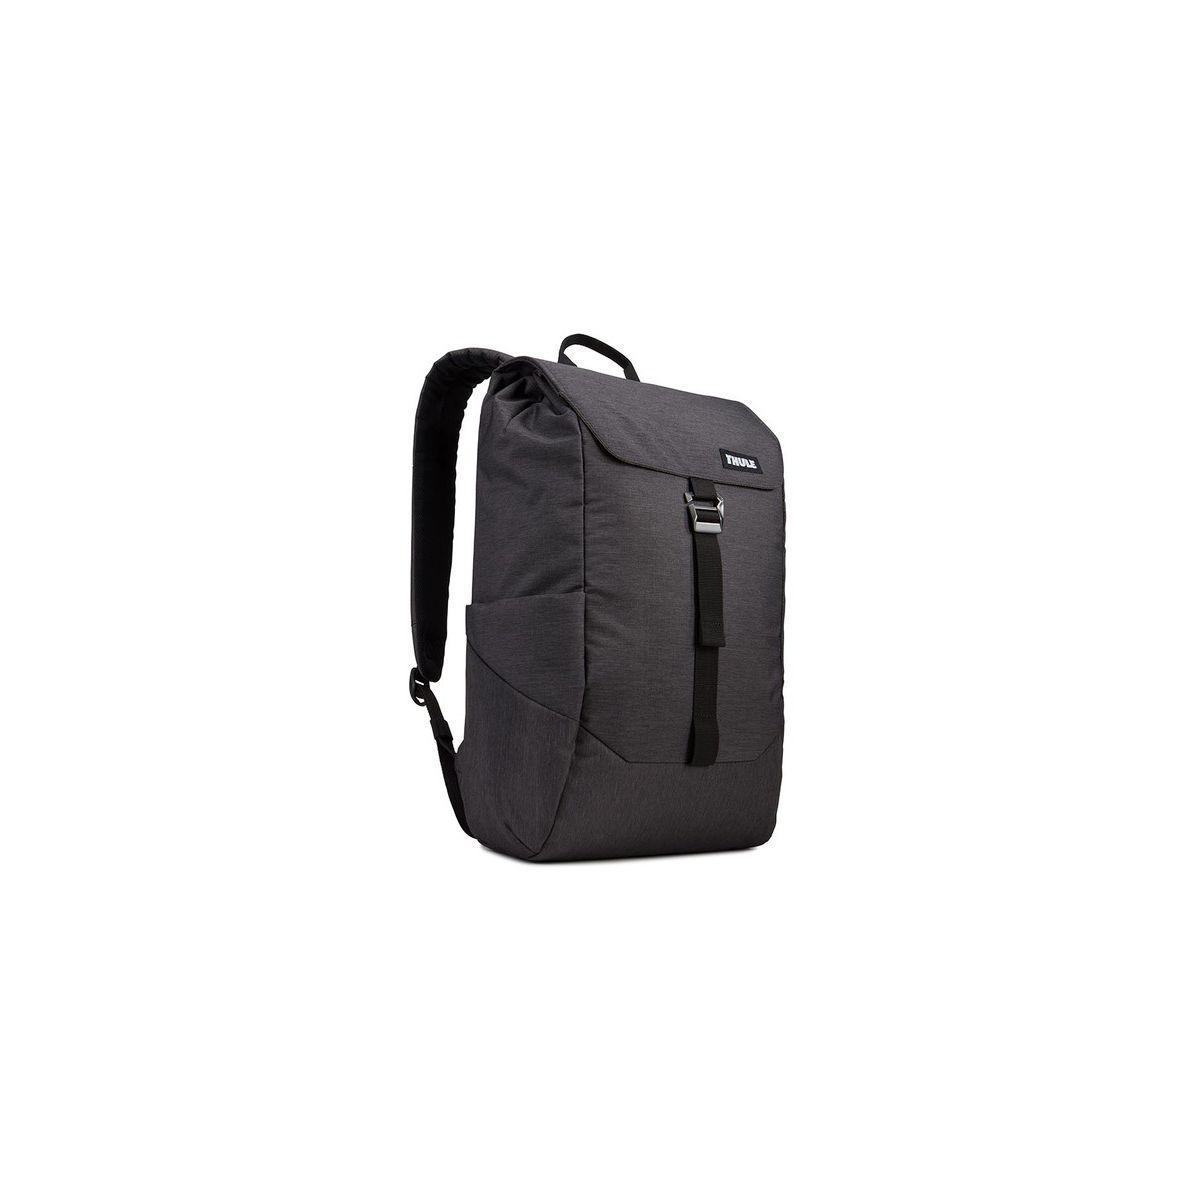 Sac � dos thule lithos backpack 16l noir - livraison offerte : code premium